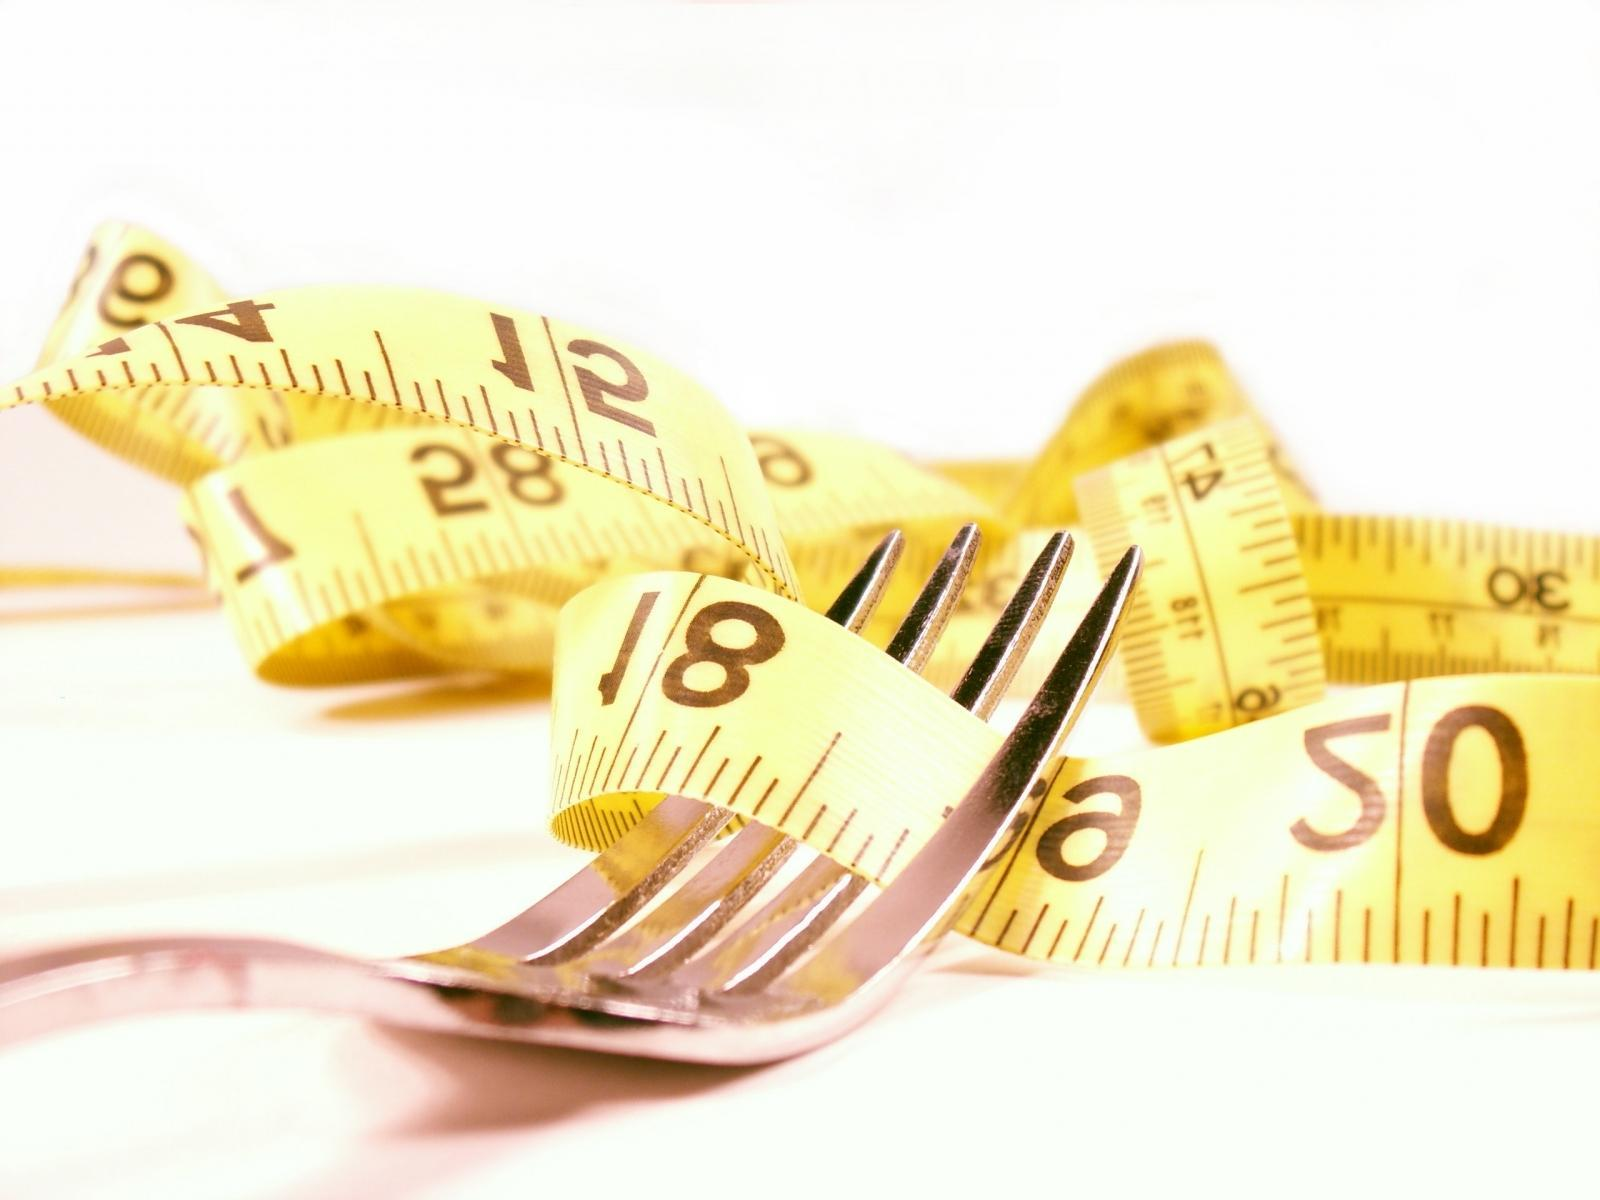 perder-peso-frases-de-incentivos-69-20086.jpg